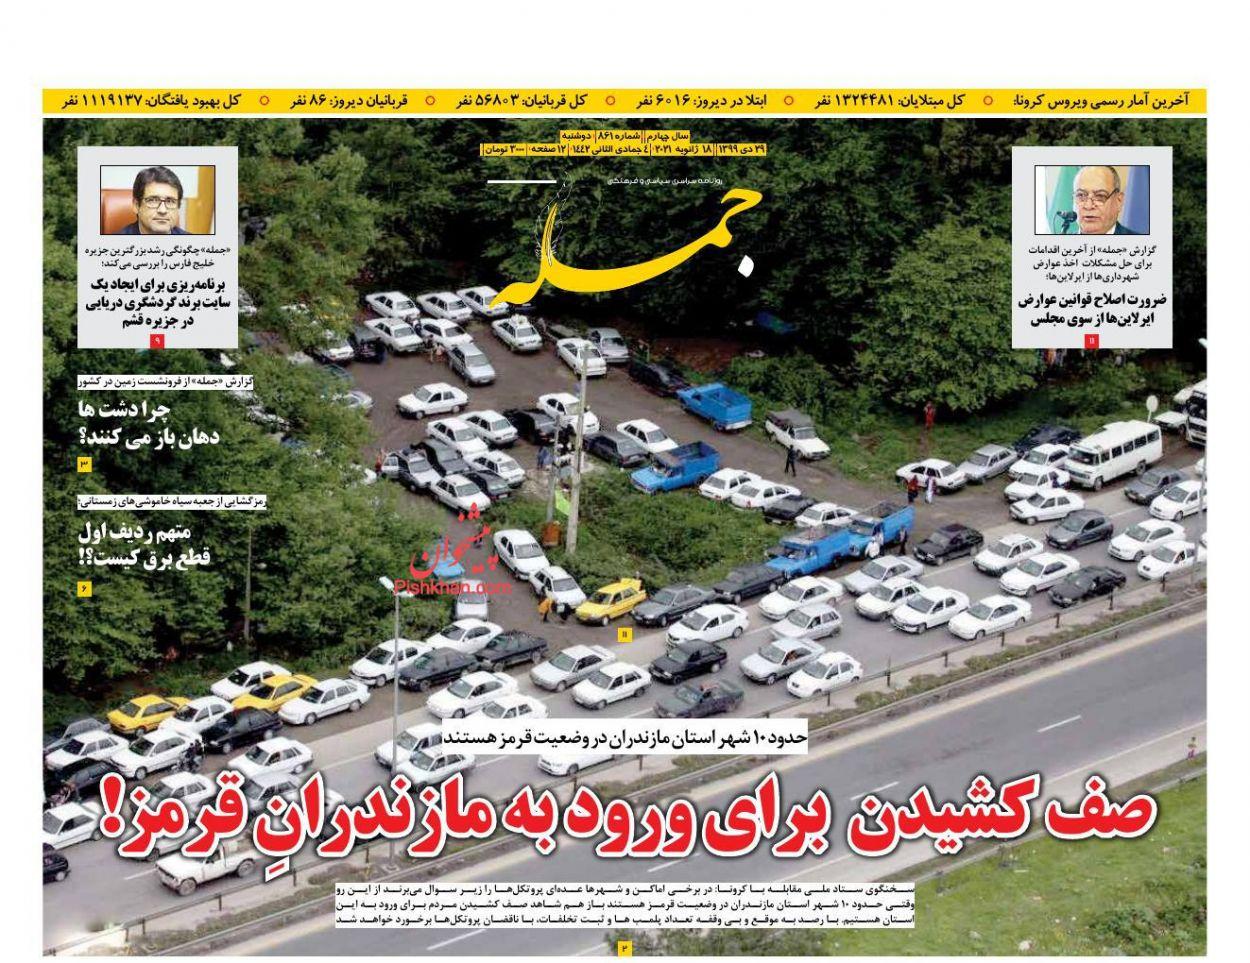 عناوین اخبار روزنامه جمله در روز دوشنبه ۲۹ دی